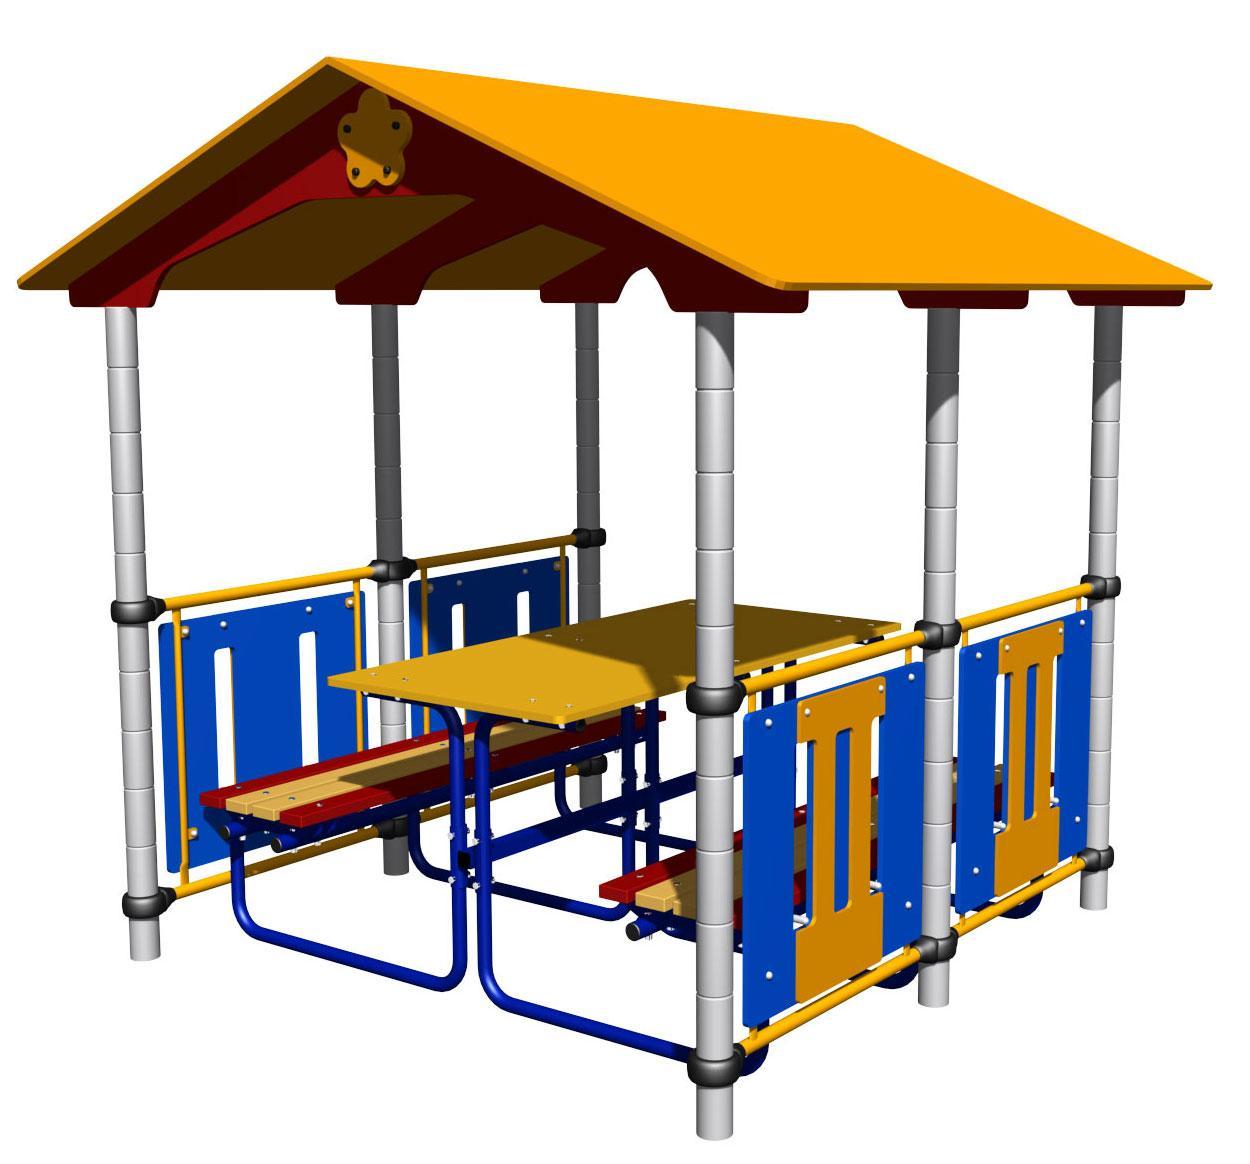 Беседка со скамейками и столом, синяя, желтая